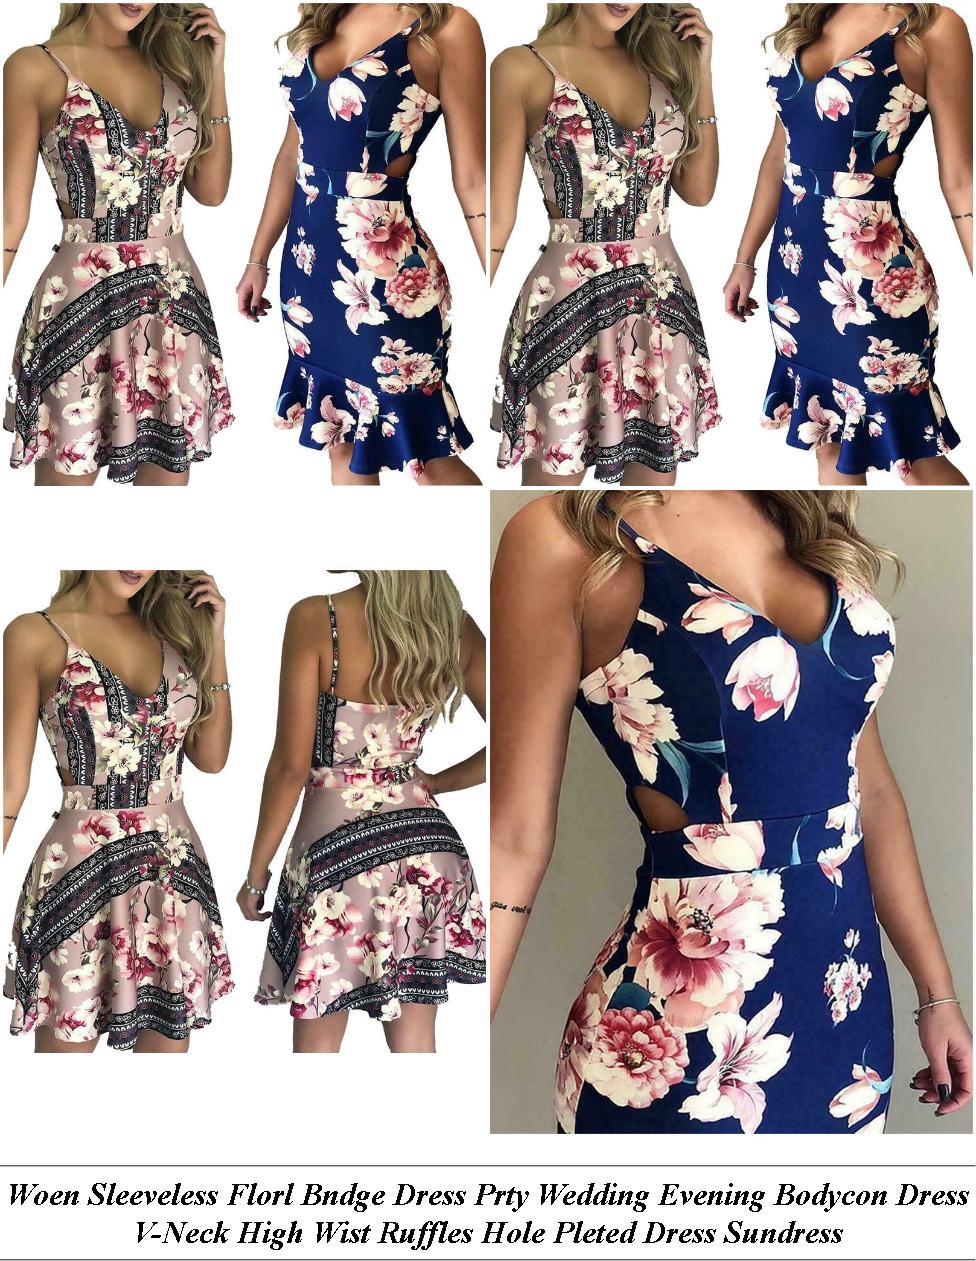 Party Dresses - Womens Sale Uk - Sequin Dress - Buy Cheap Clothes Online